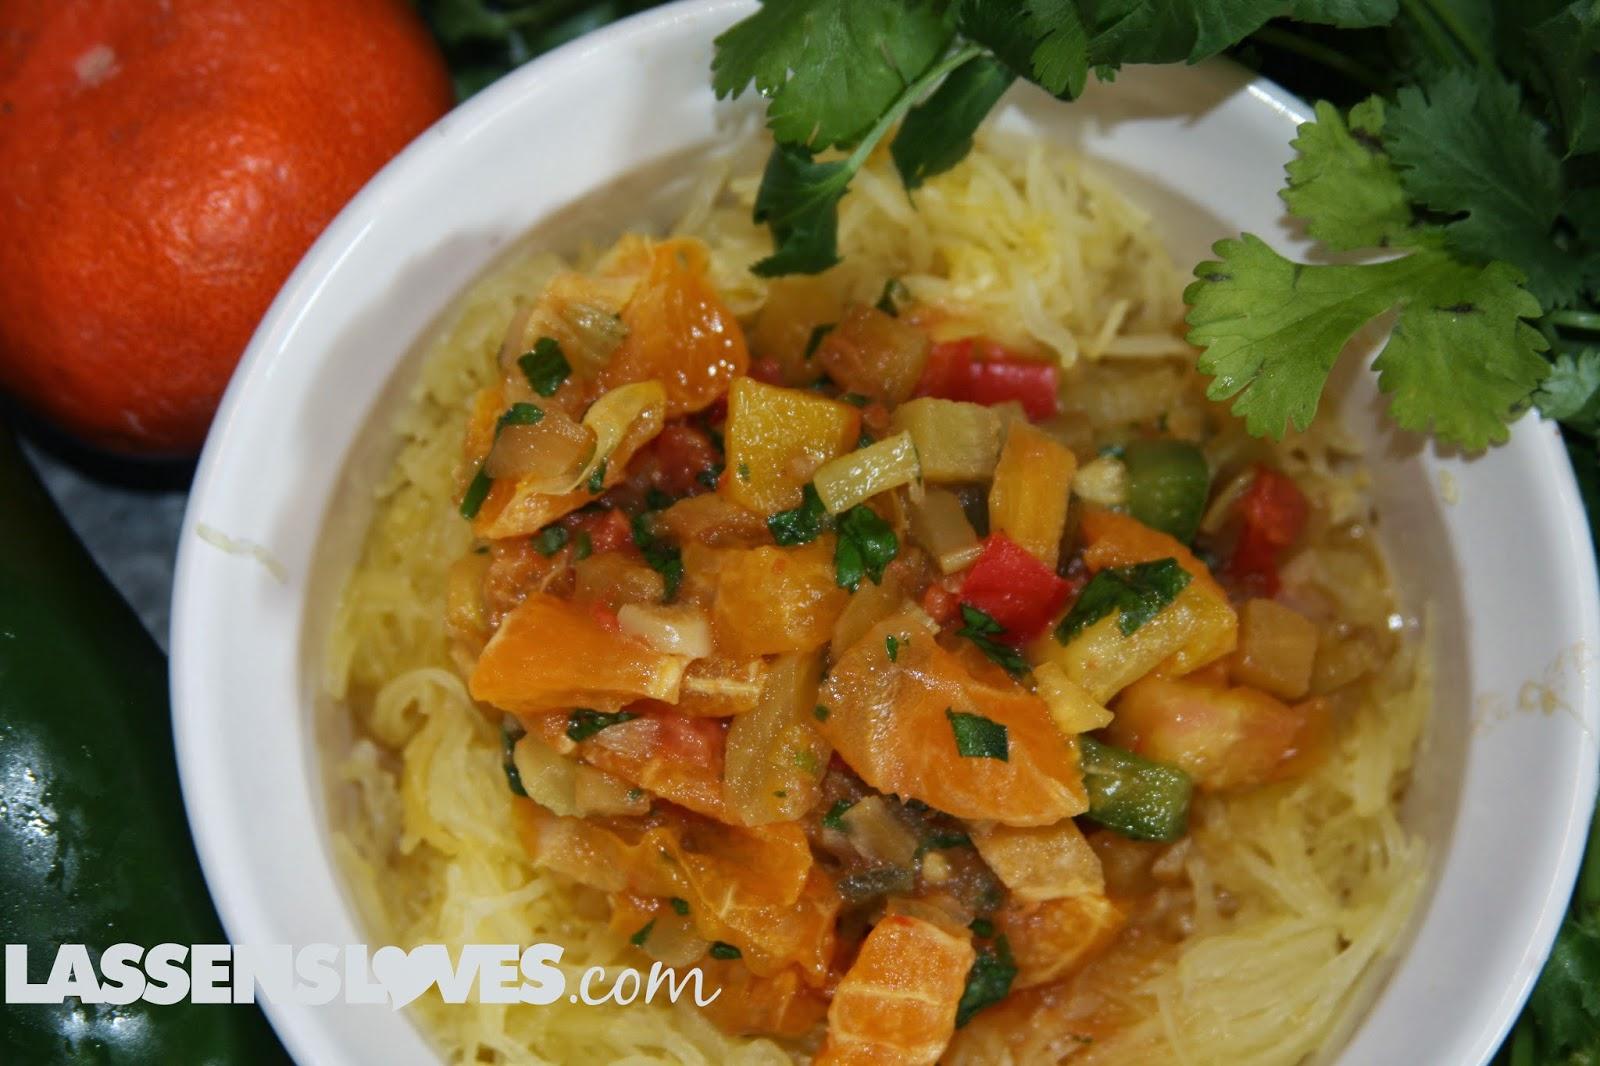 spaghetti+squash, mandarin+oranges, mandarin+recipes, vegetarian+recipes, vegan+recipes, paleo+recipes